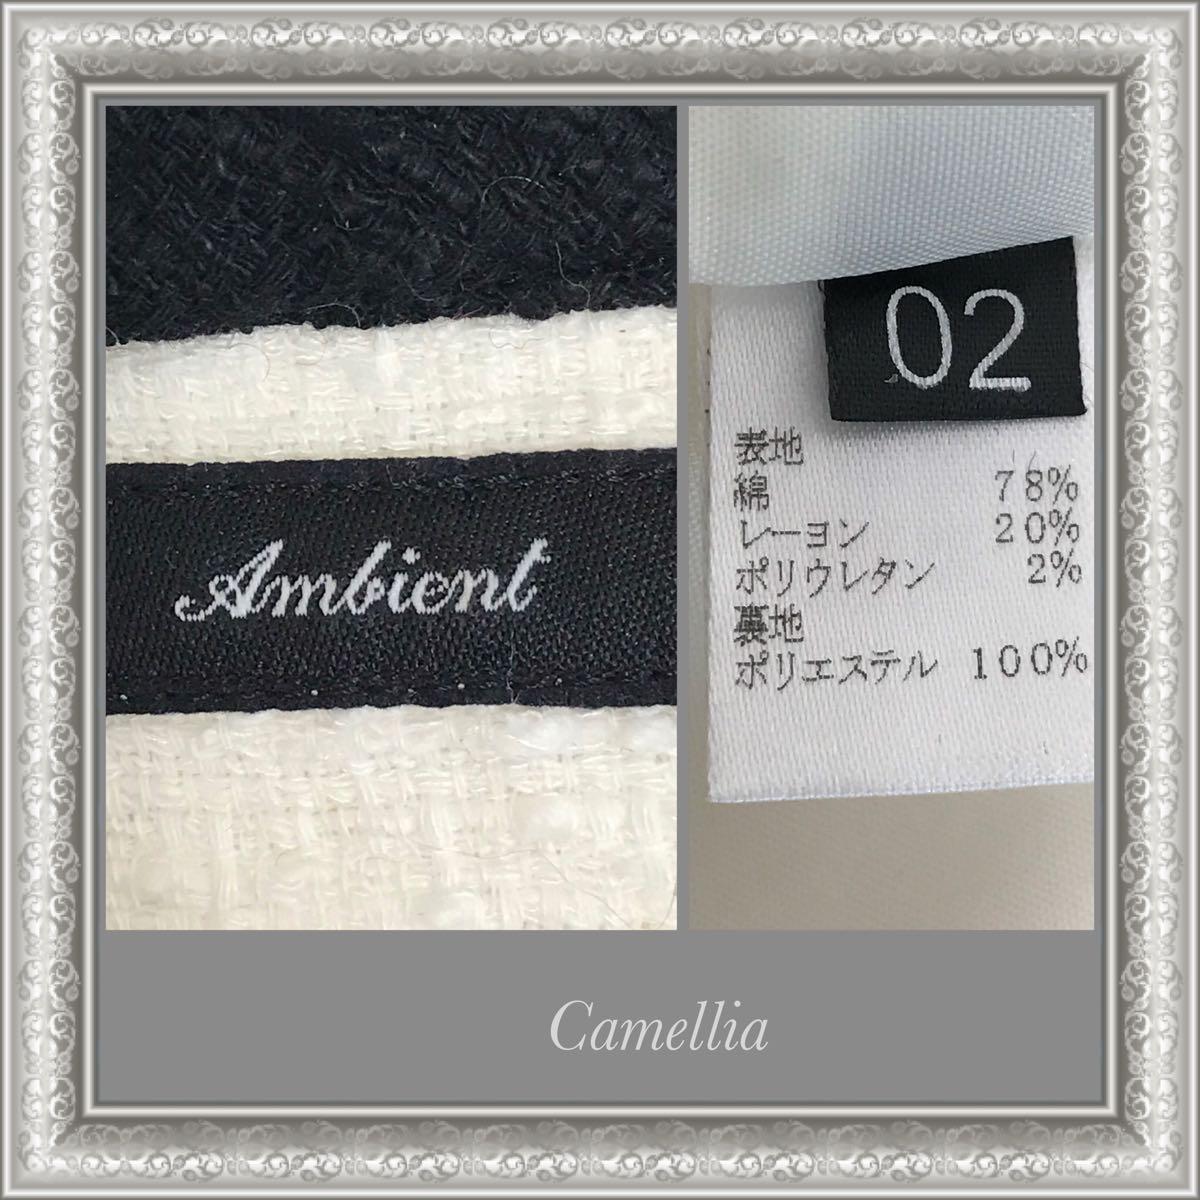 美品 アンビエント ambient 白×黒 ジャケット 入学式 02_画像8